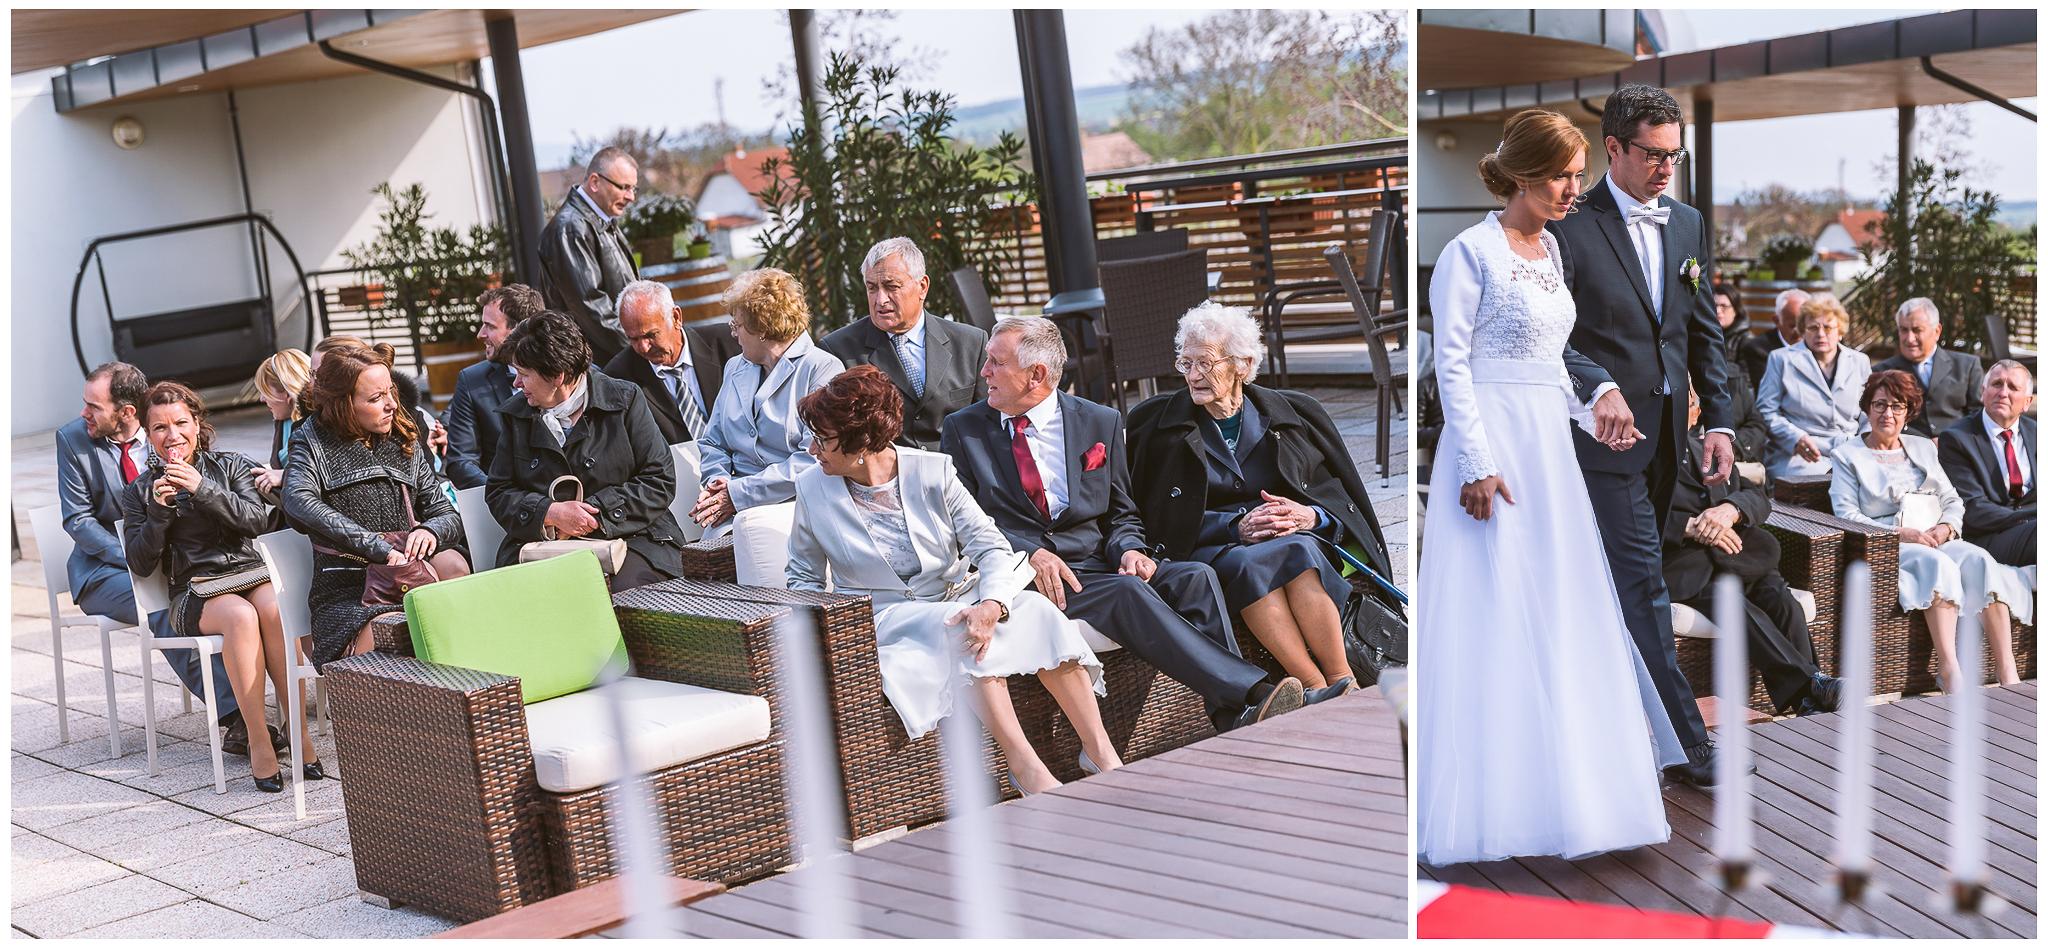 FylepPhoto, esküvőfotós, esküvői fotós Körmend, Szombathely, esküvőfotózás, magyarország, vas megye, prémium, jegyesfotózás, Fülöp Péter, körmend, kreatív, fotográfus_27.jpg